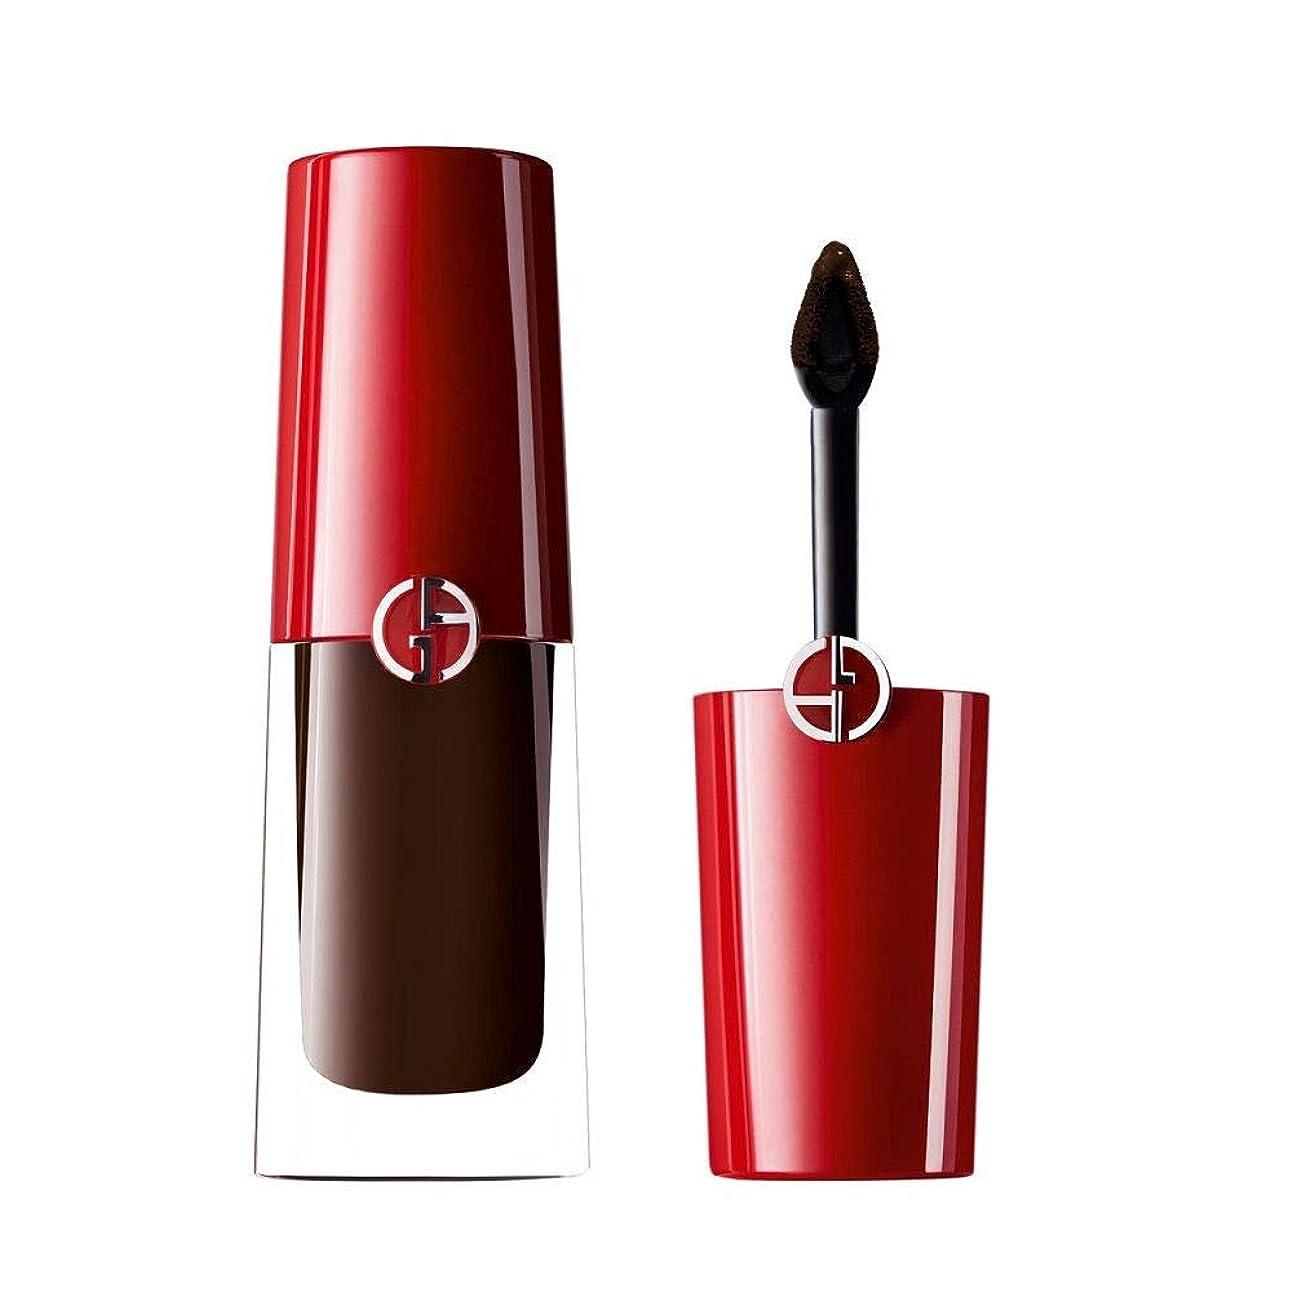 見せます変換デンプシージョルジオアルマーニ Lip Magnet Second Skin Intense Matte Color - # 605 Insomnia 3.9ml/0.13oz並行輸入品